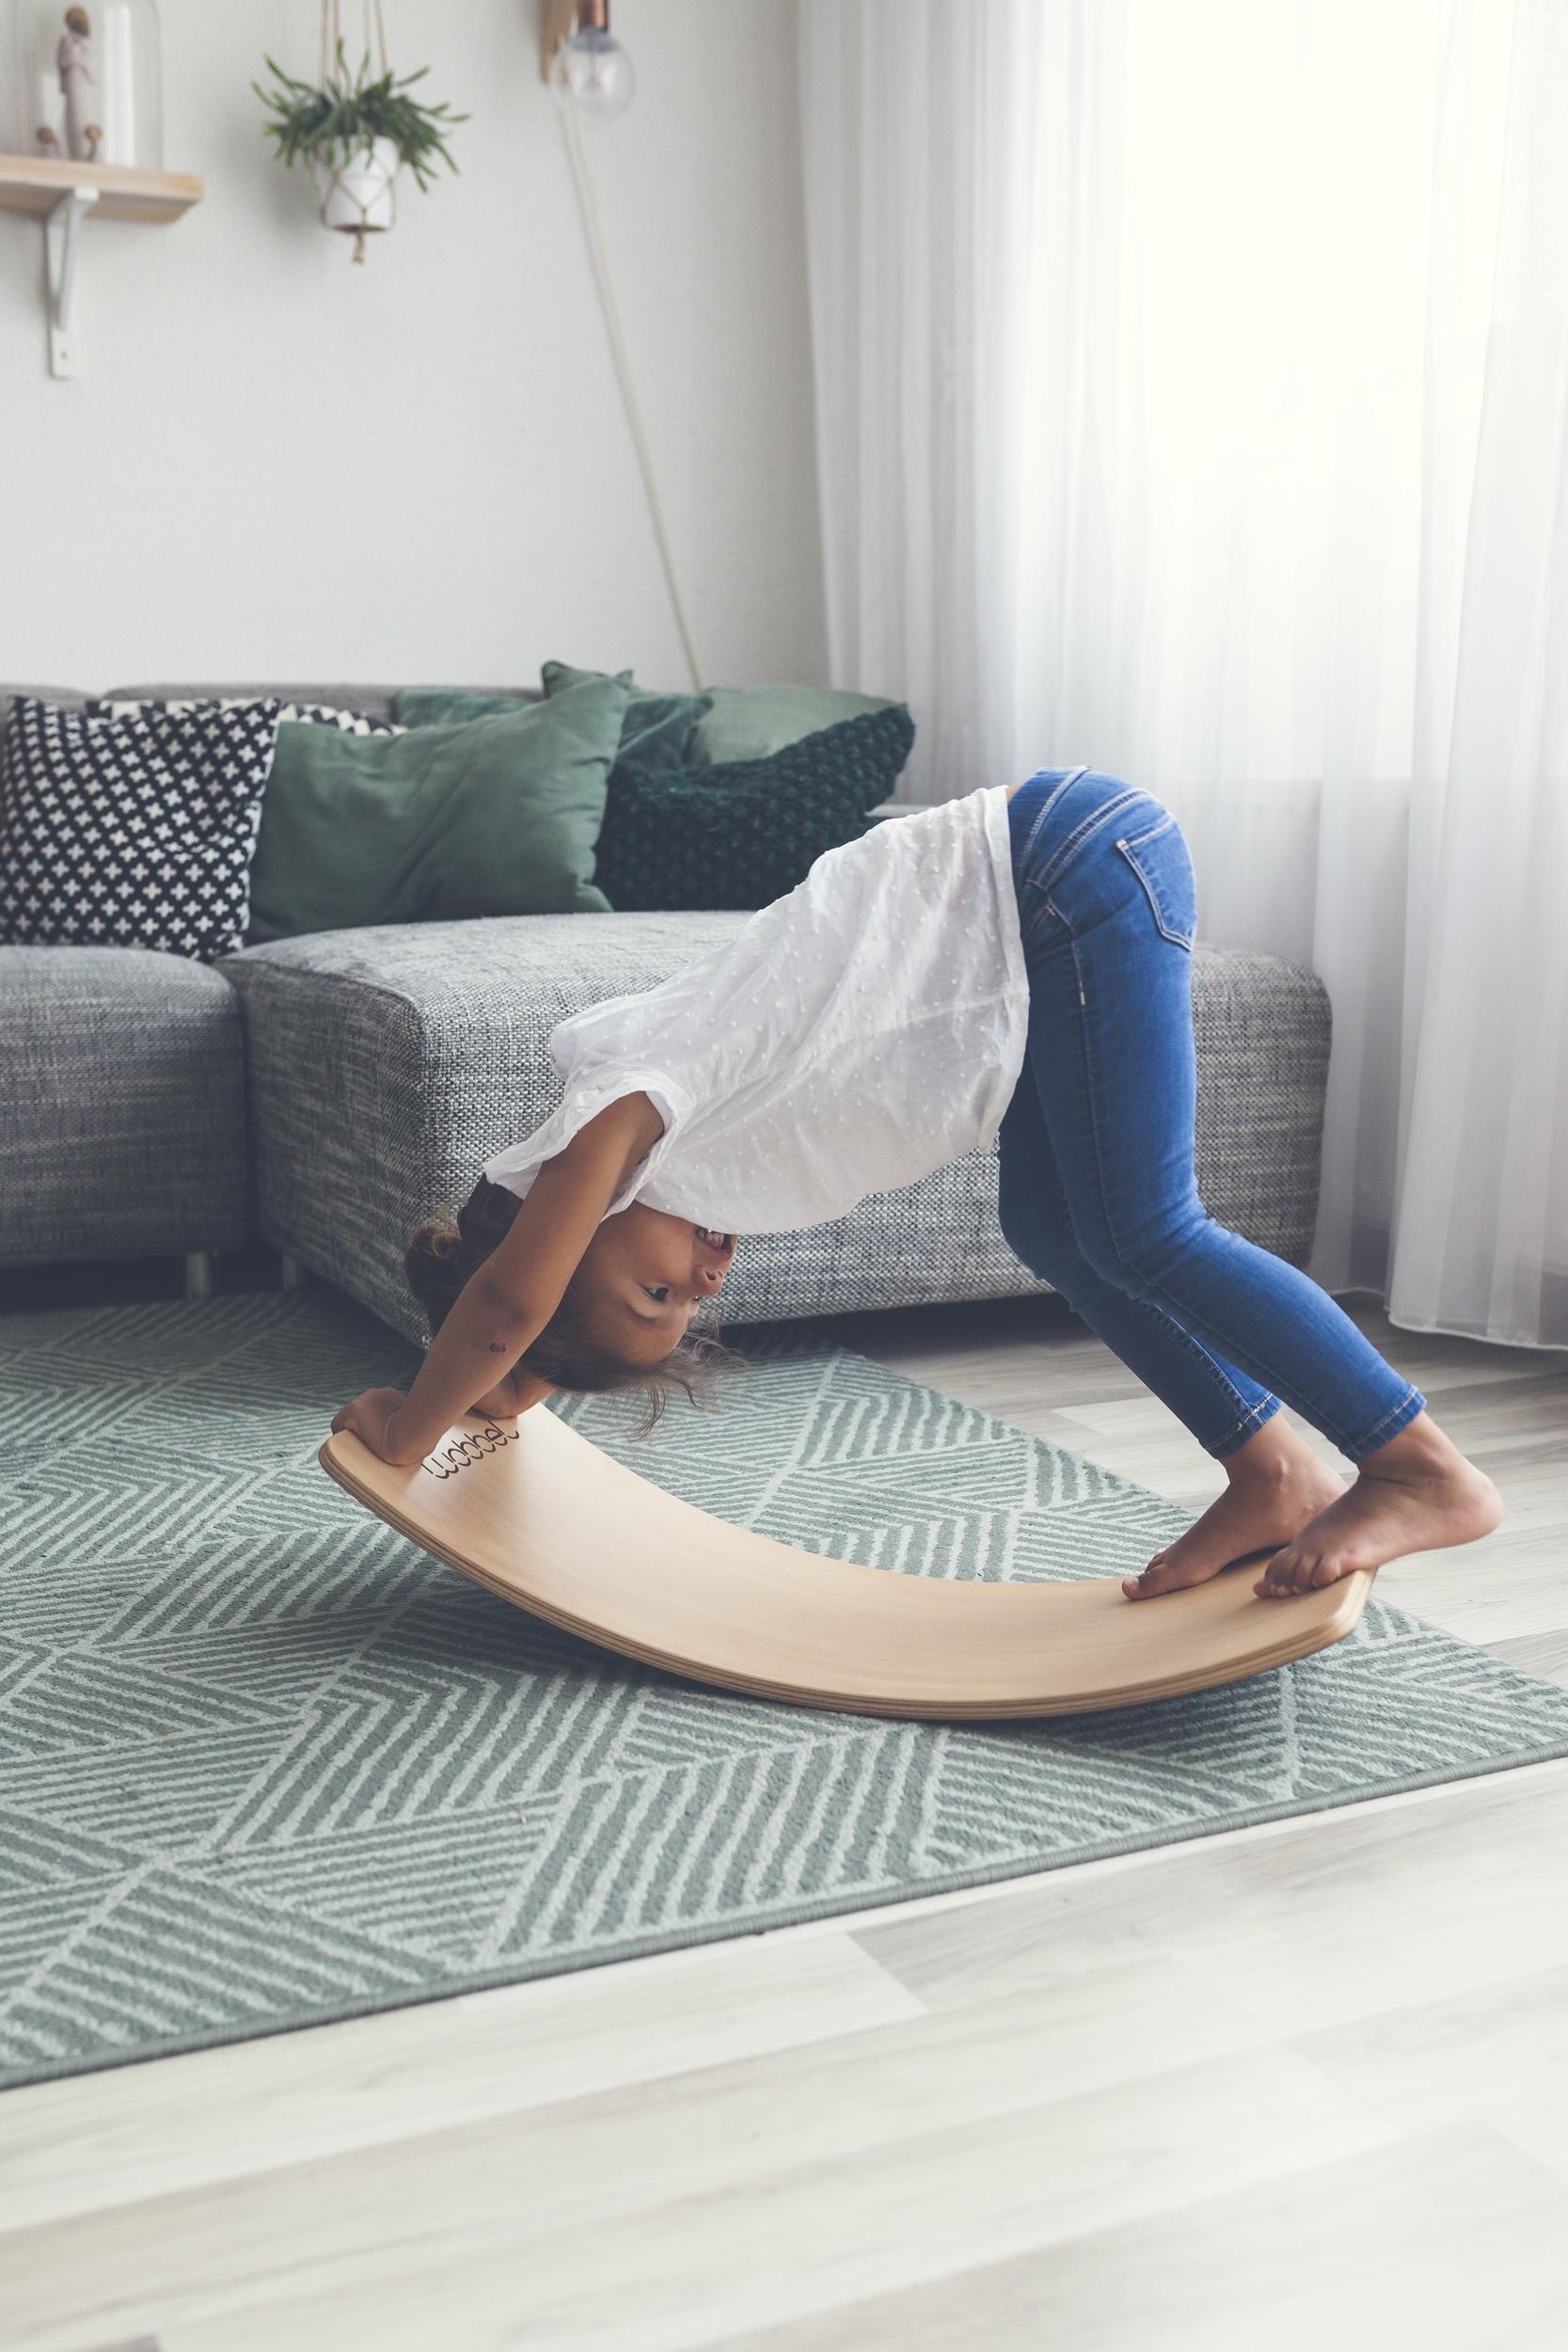 Wobbel - jouet en bois